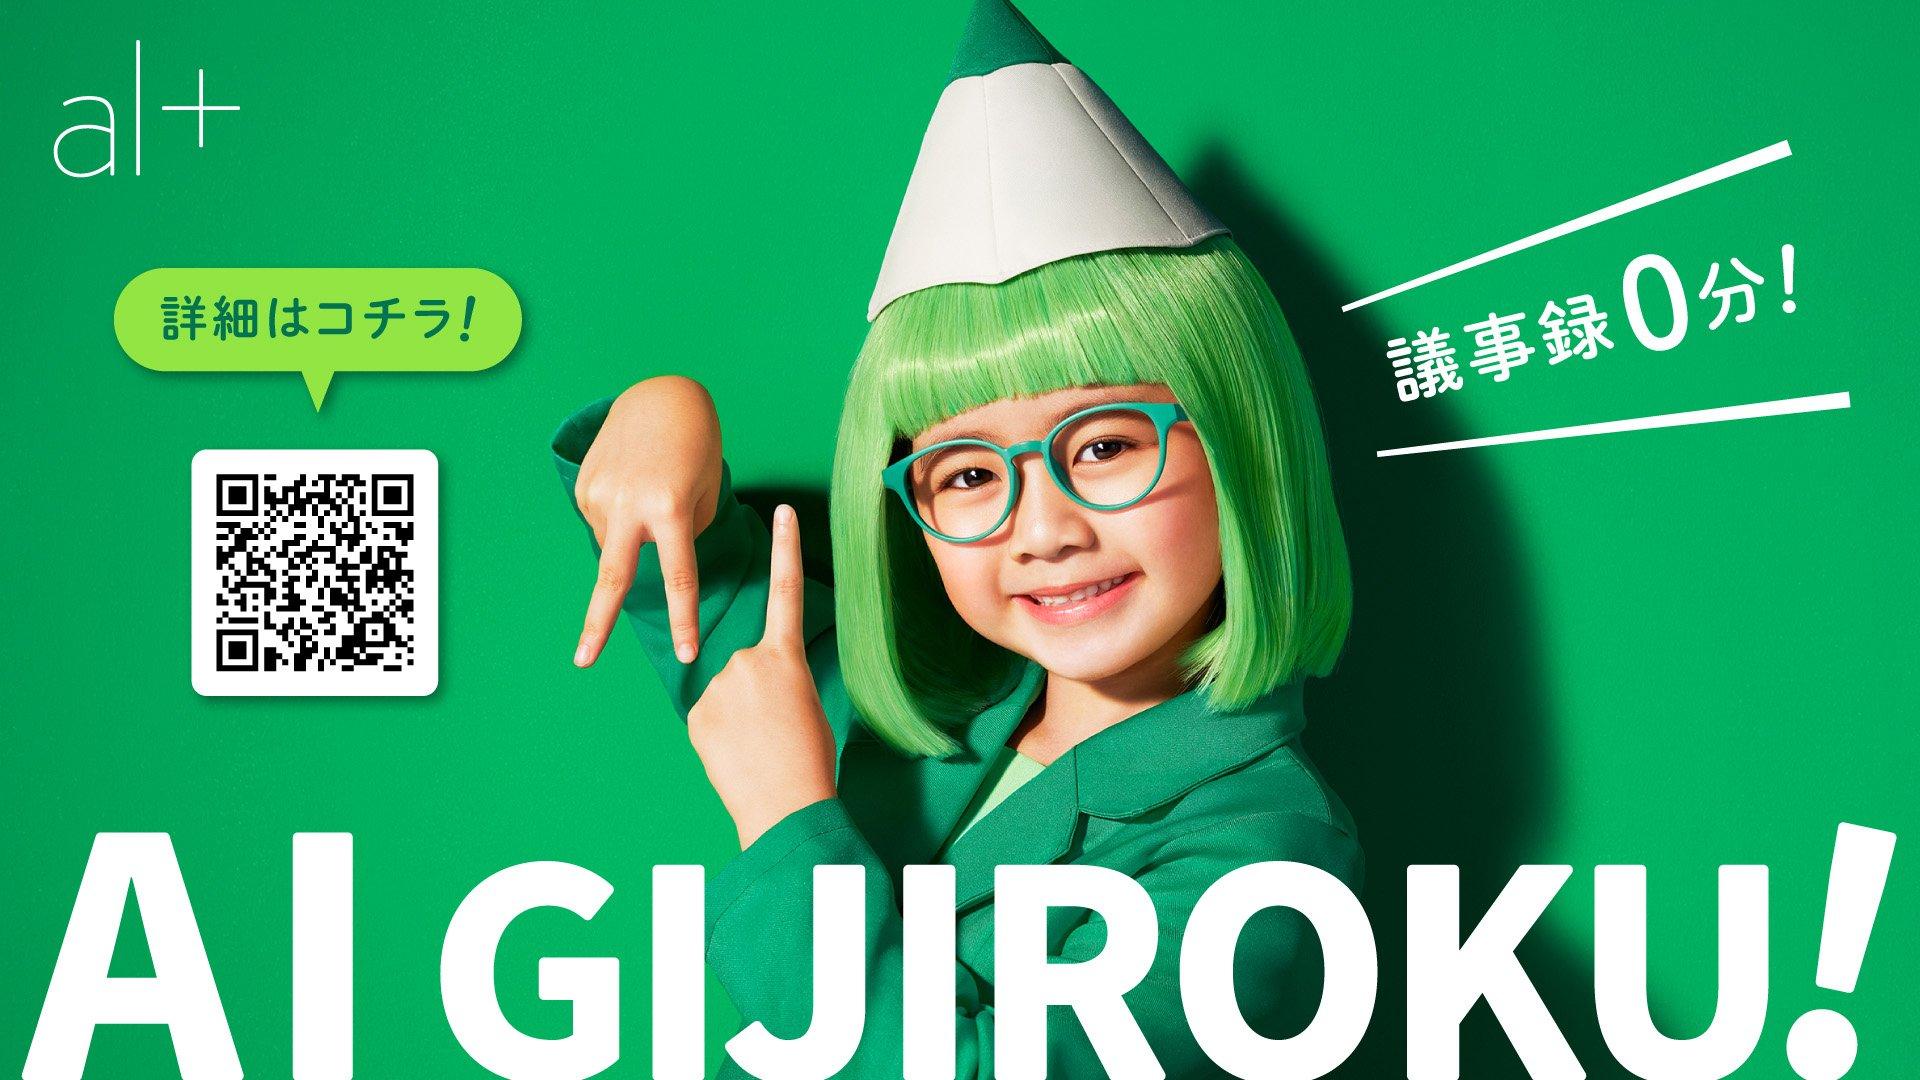 11.4【特別参加特典:1ヶ月無料トライアル】 AI GIJIROKU音声認識精度向上のコツ大公開ウェビナー!